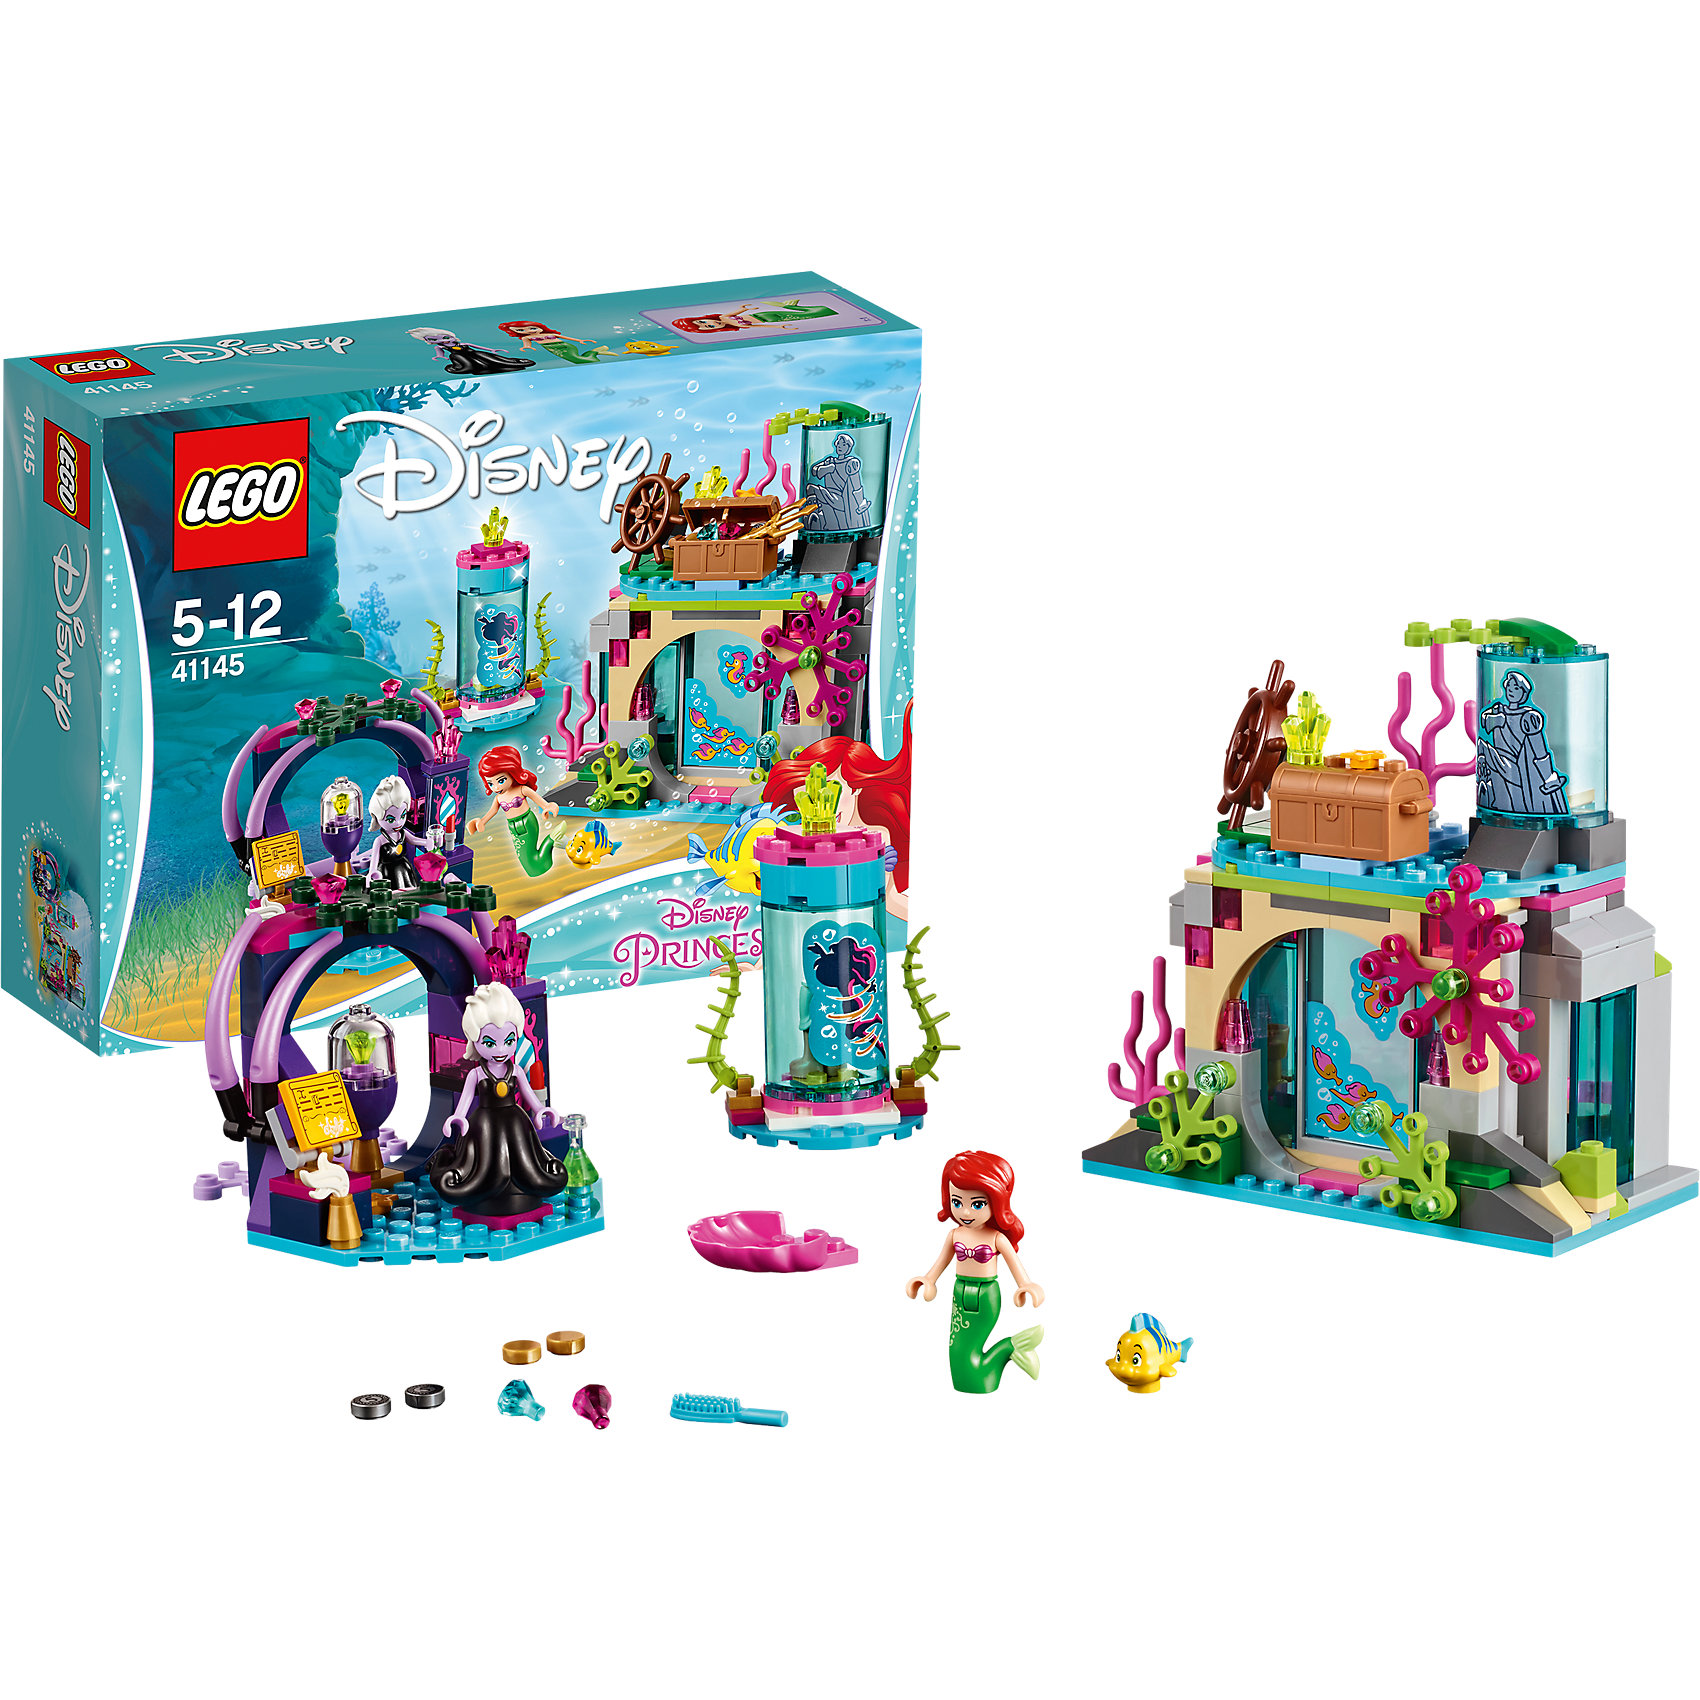 LEGO Disney Princesses 41145: Ариэль и магическое заклятьеПластмассовые конструкторы<br>Характеристики товара: <br><br>• возраст: от 5 лет;<br>• материал: пластик;<br>• в комплекте: 222 детали, 2 минифигурки, фигурка Флаундера;<br>• размер упаковки: 26,2х19,1х7,2 см;<br>• вес упаковки: 180 гр.;<br>• страна производитель: Китай.<br><br>Конструктор Lego Disney Princesses «Ариэль и магическое заклятие» посвящен Принцессам Дисней. В данном наборе представлена Русалочка Ариэль. Из деталей собираются домик Ариэль и жилище злой ведьмы Урсулы. Домик Русалочки украшен водорослями, наверху расположены сундук с сокровищами и статуя принца. В жилище ведьмы находятся зелье, зеркало, табличка с заклинанием. У Урсулы есть секретный аппарат, который может превратить Русалочку в обычную девушку.<br><br>Конструктор Lego Disney Princesses «Ариэль и магическое заклятие» можно приобрести в нашем интернет-магазине.<br><br>Ширина мм: 278<br>Глубина мм: 238<br>Высота мм: 213<br>Вес г: 420<br>Возраст от месяцев: 60<br>Возраст до месяцев: 144<br>Пол: Женский<br>Возраст: Детский<br>SKU: 5620034